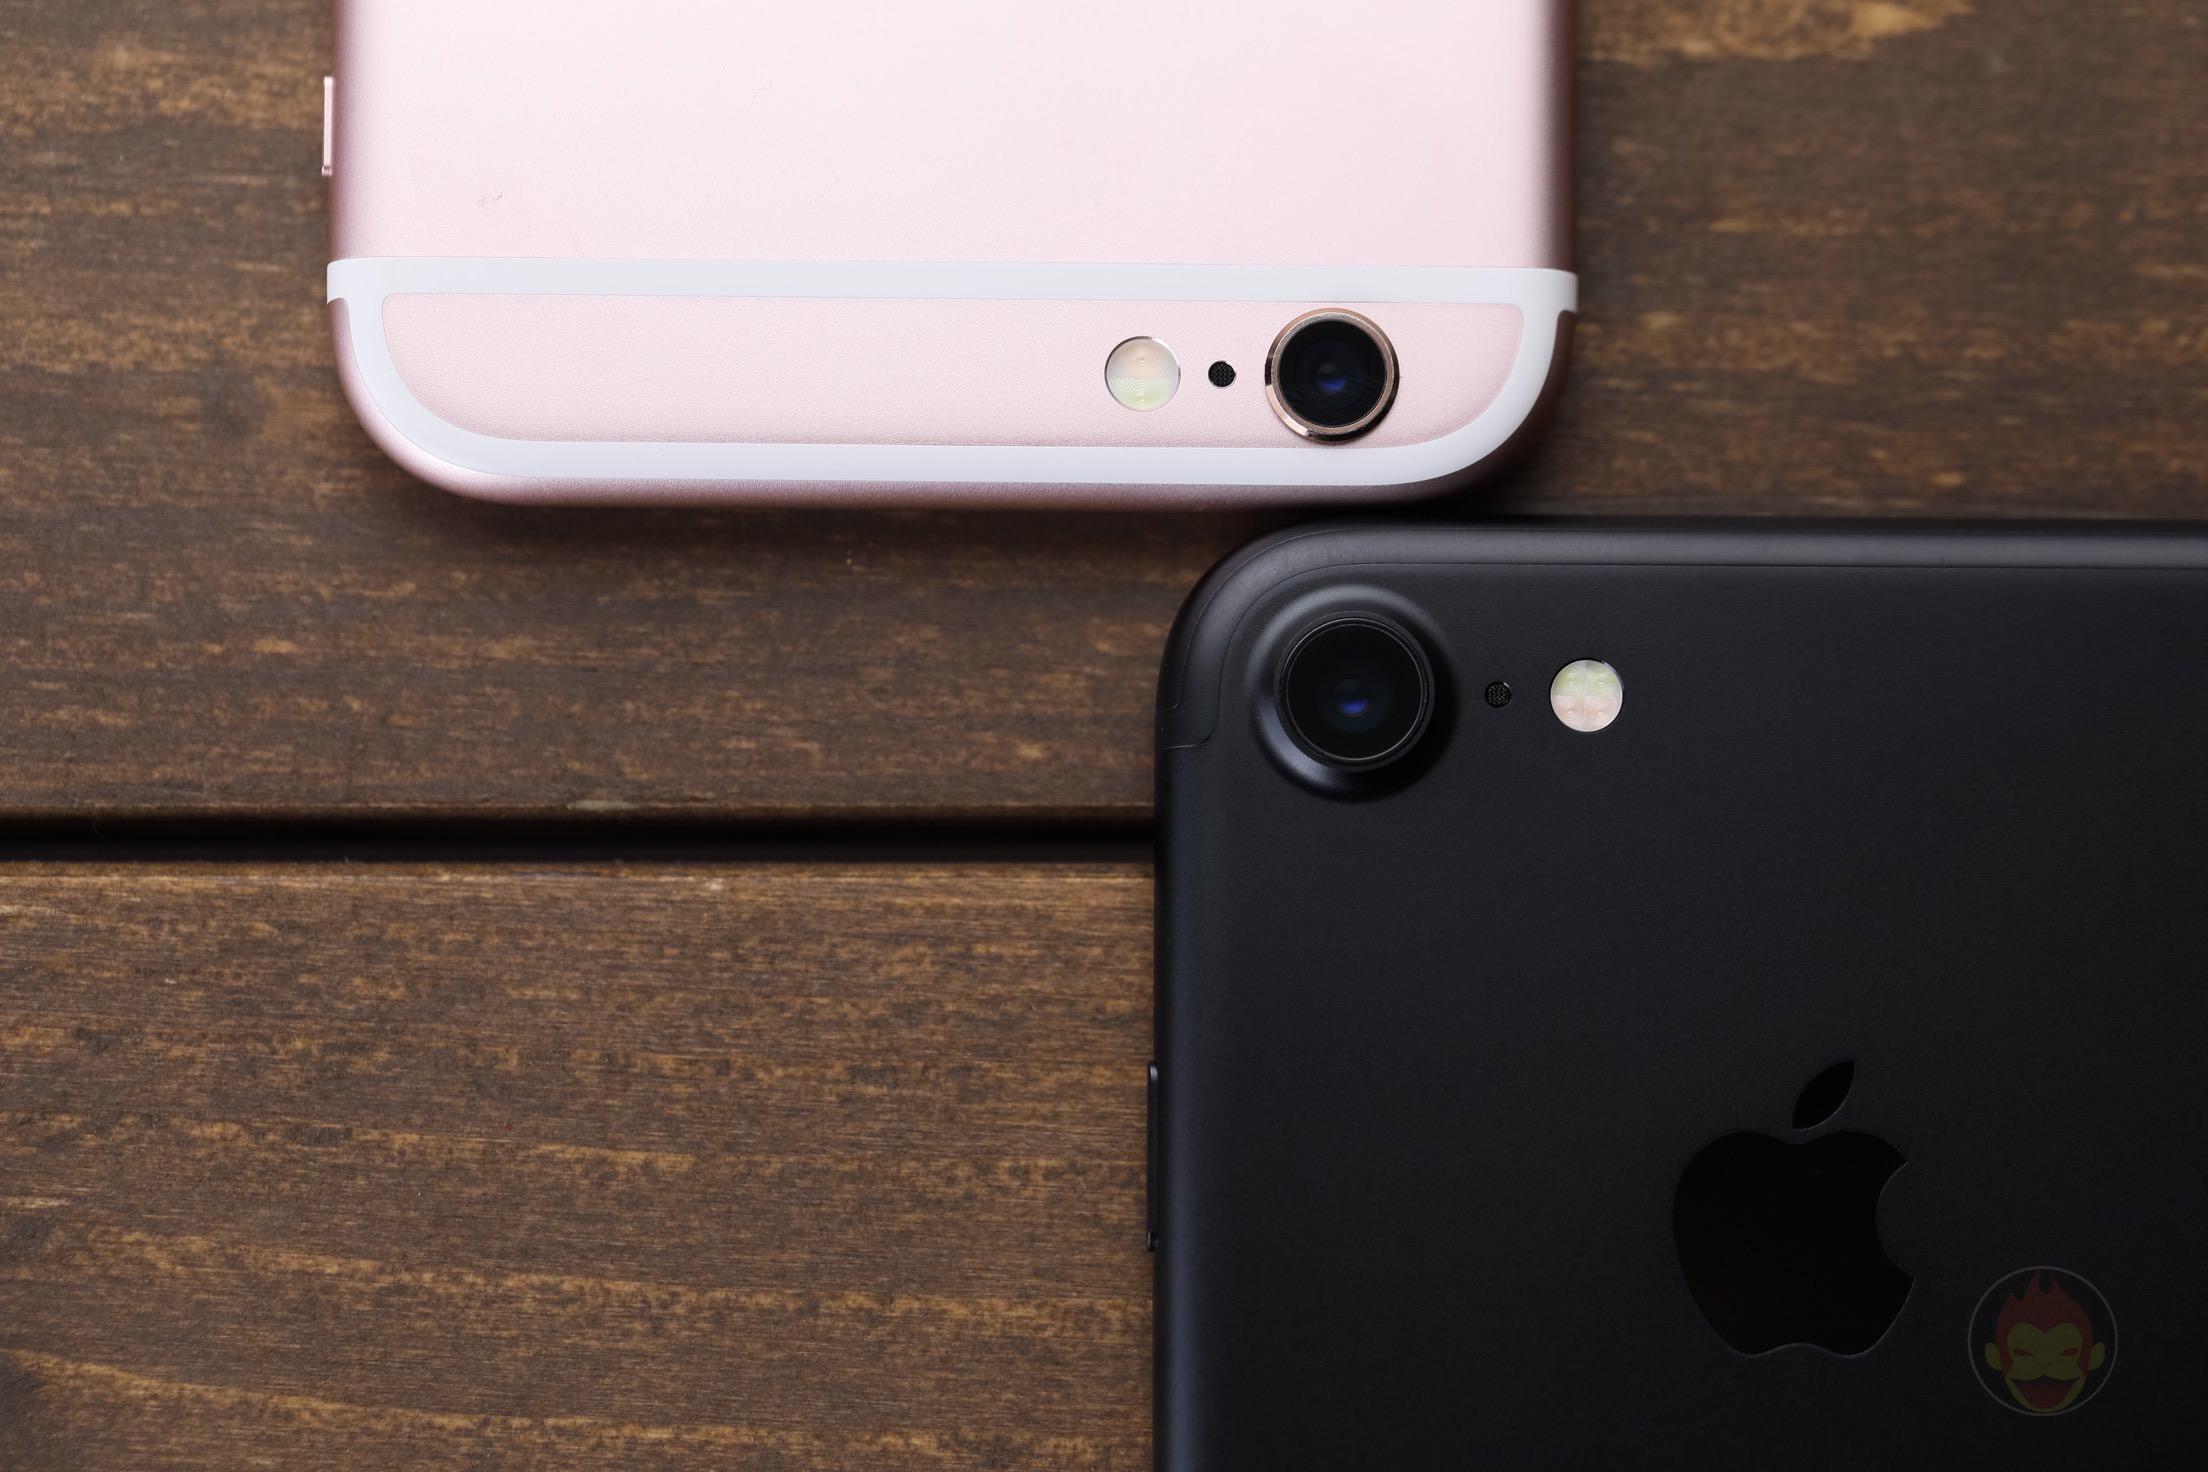 IPhone7 iPhone6s Comparison